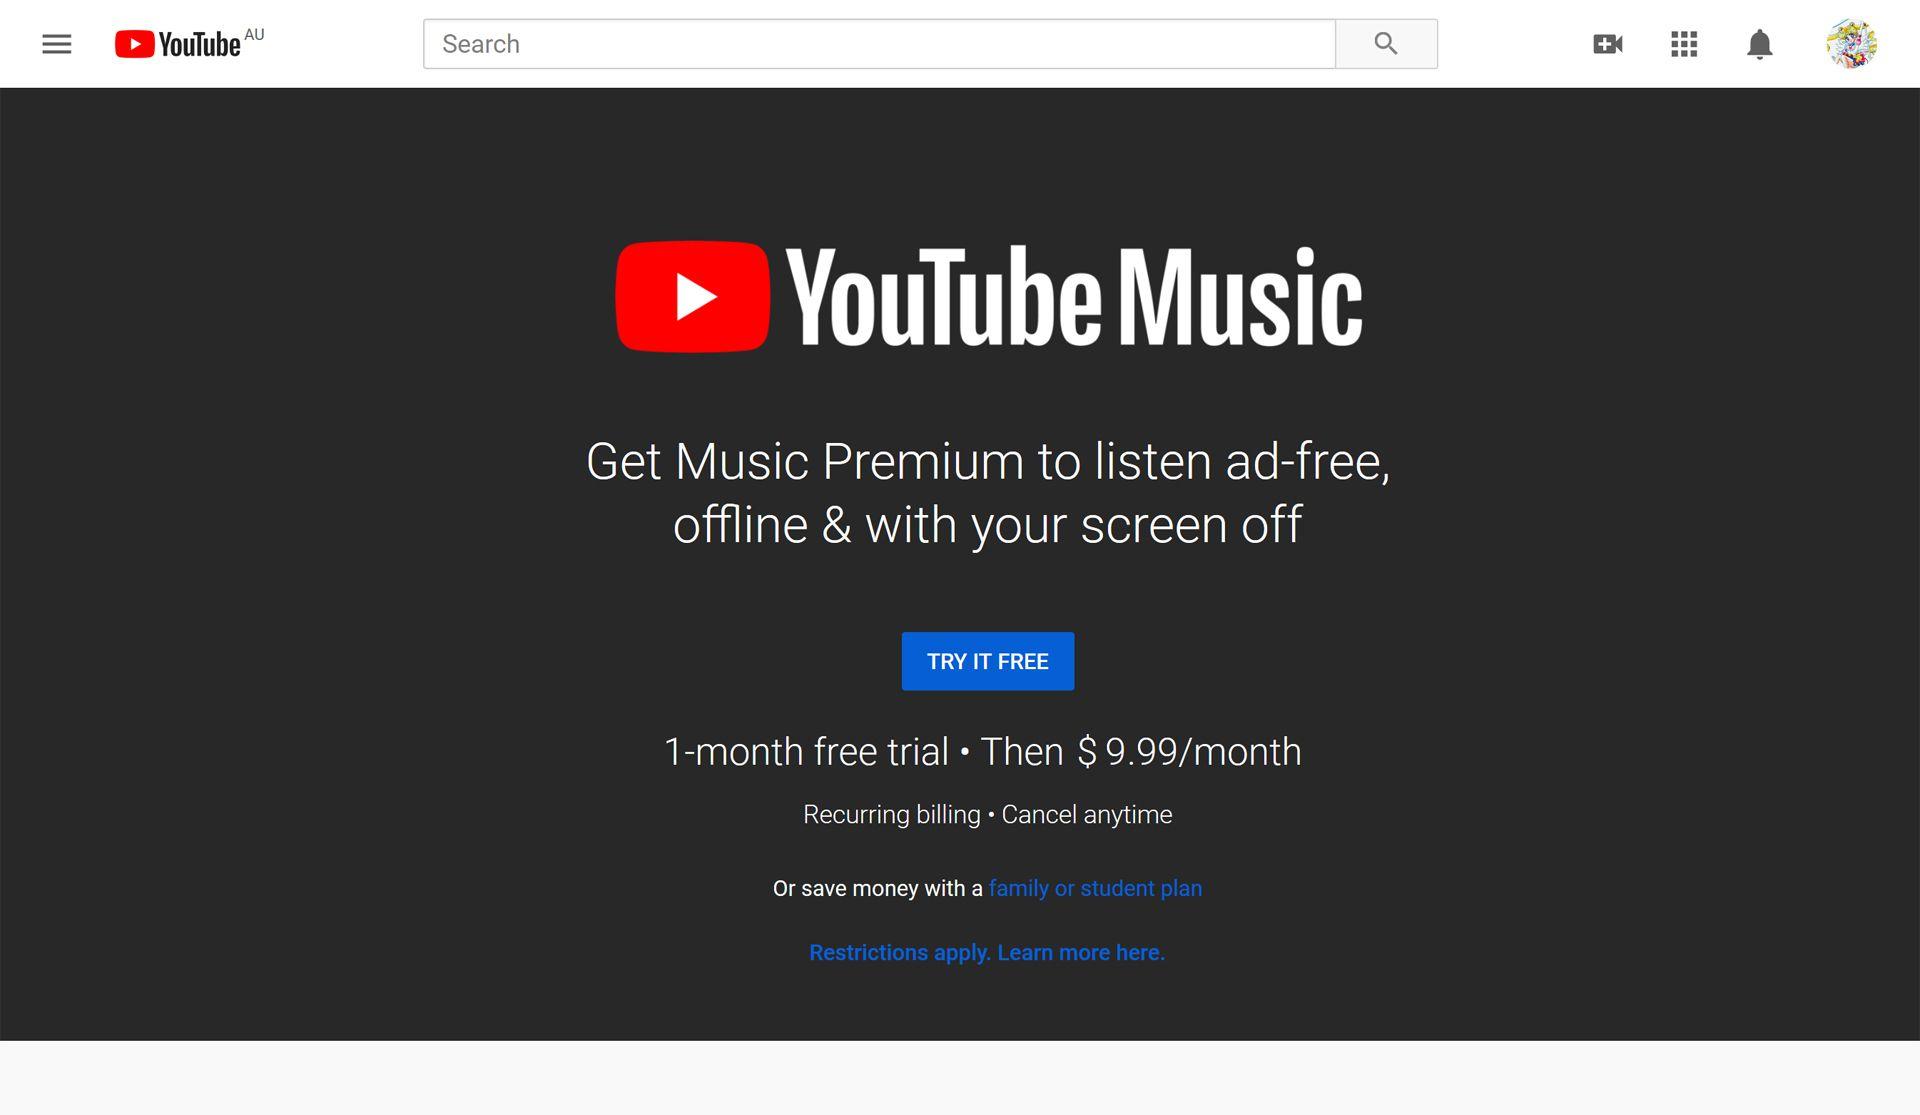 YouTube Music website.